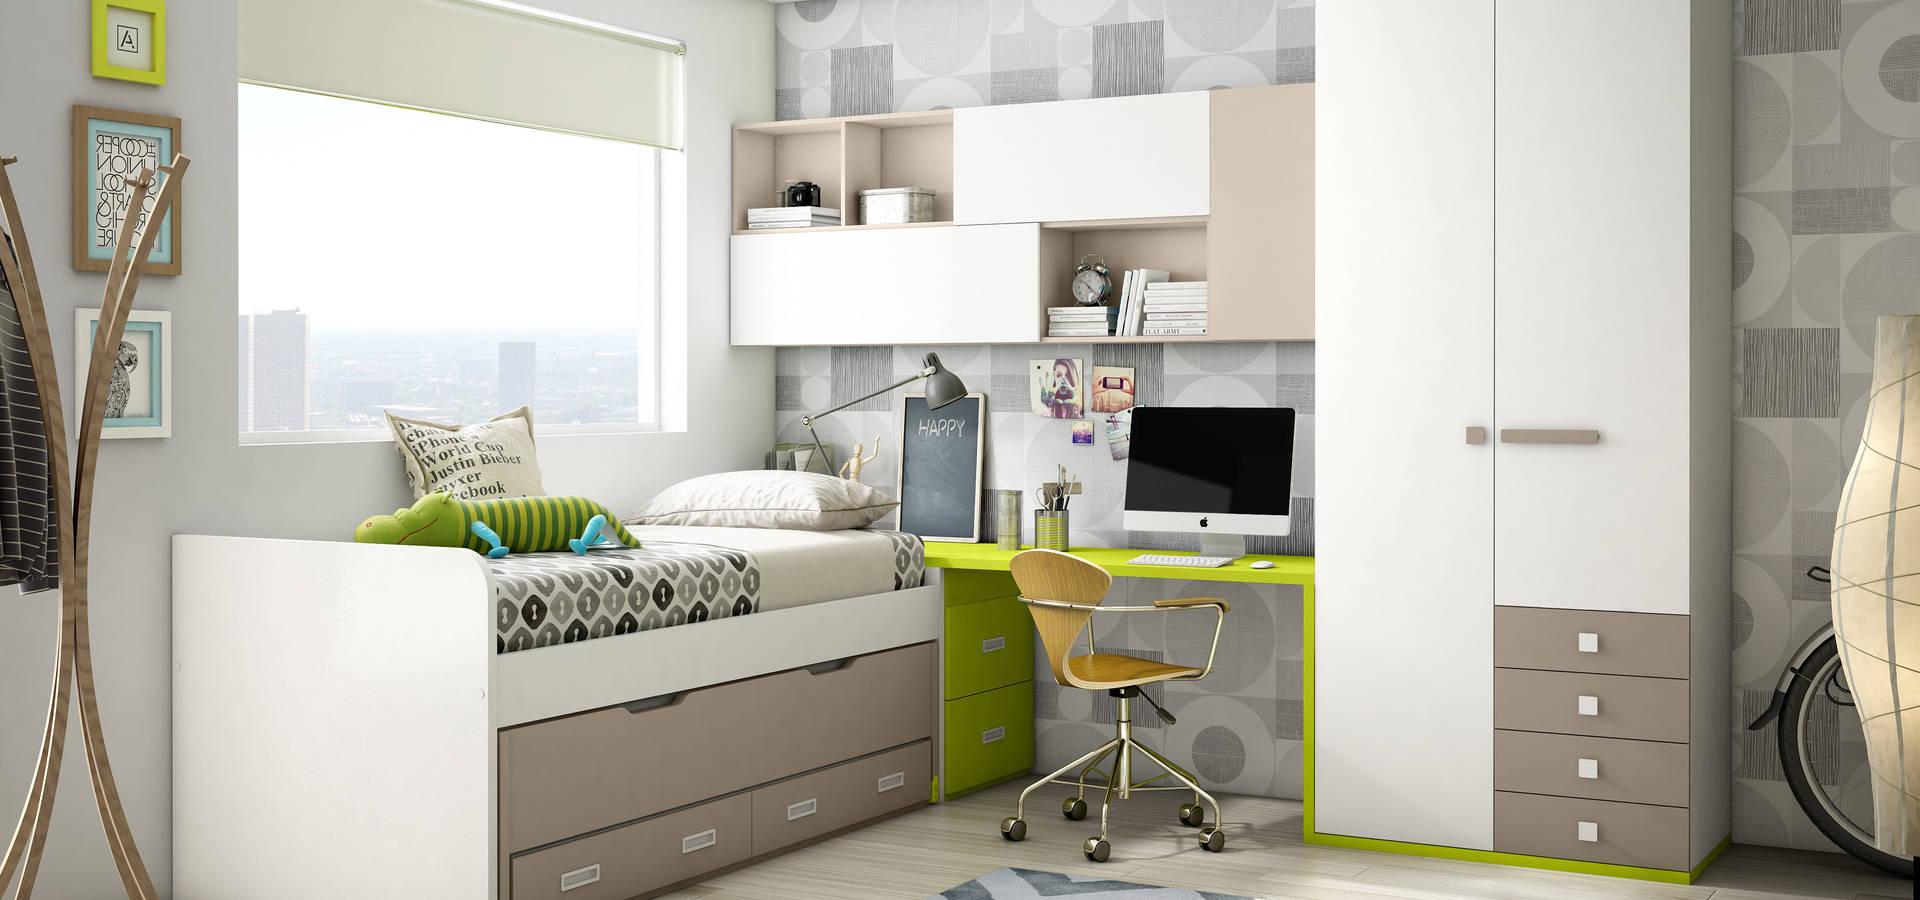 Andar por casa muebles y accesorios en alfafar homify - Lamparas alfafar ...